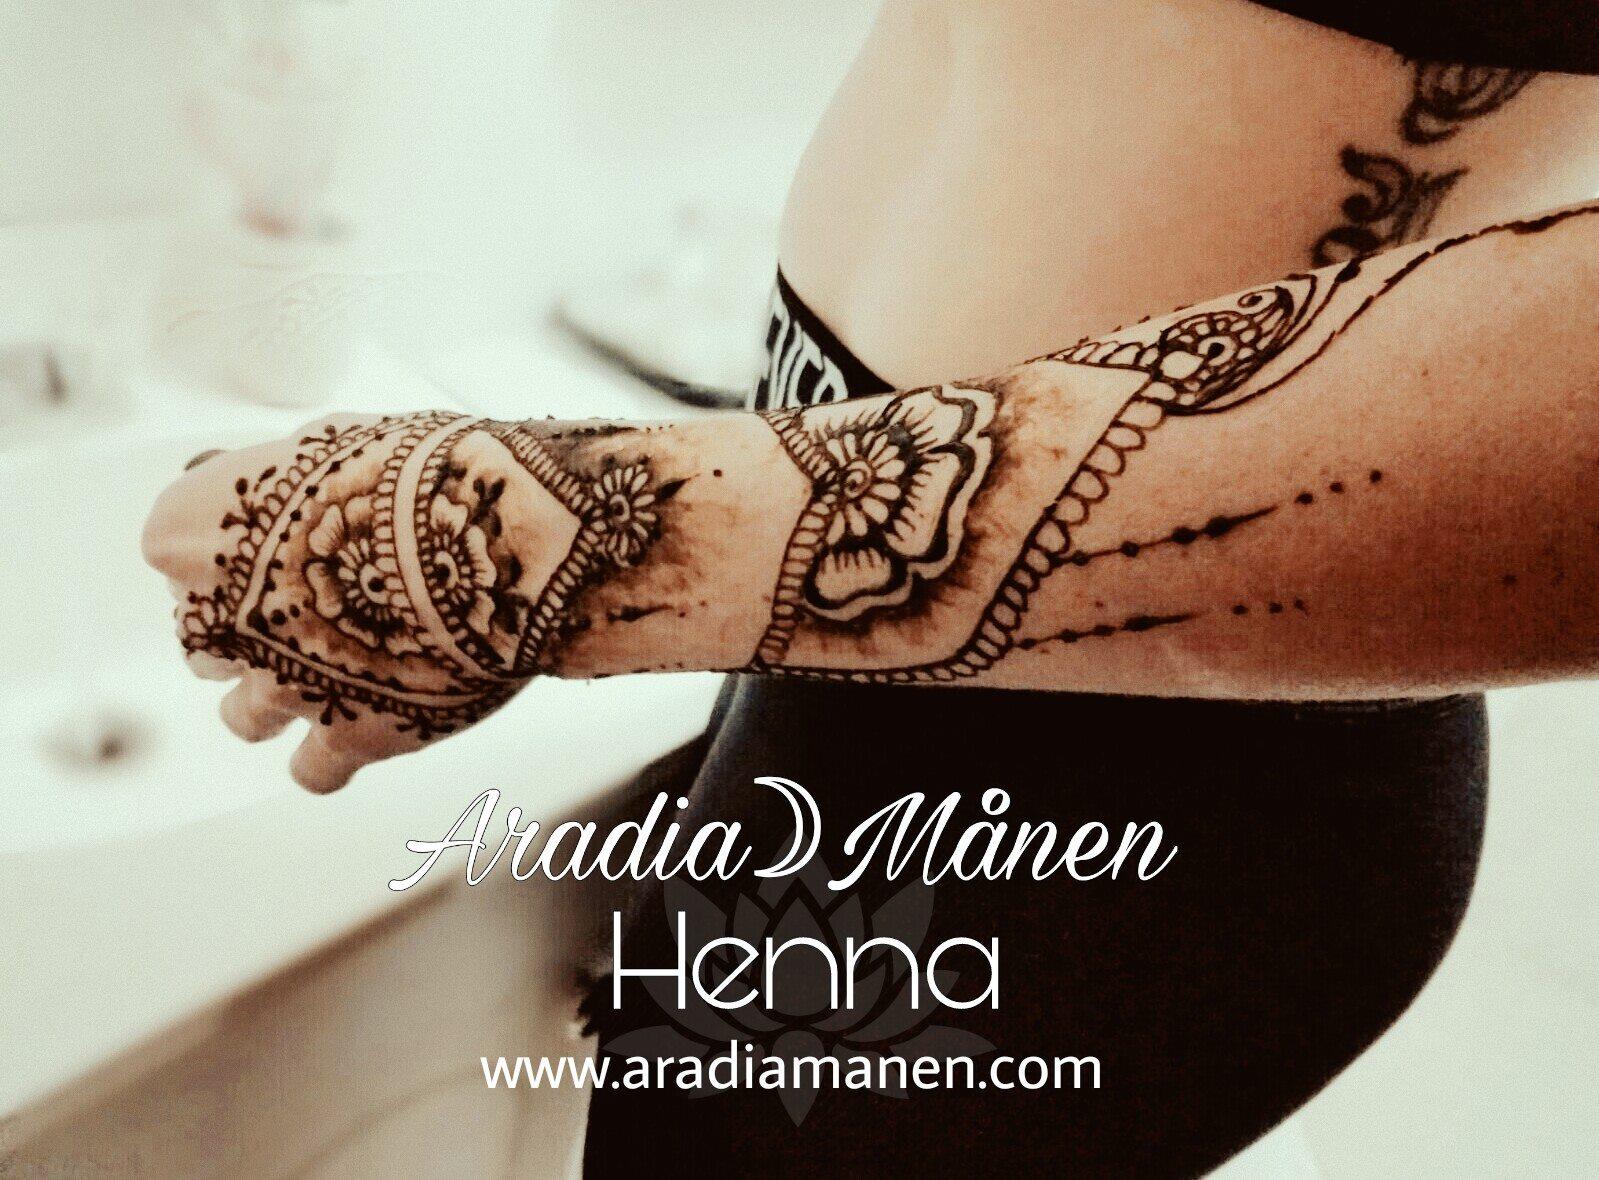 Aradia m nen henna puerto rico for Henna tattoo in puerto rico